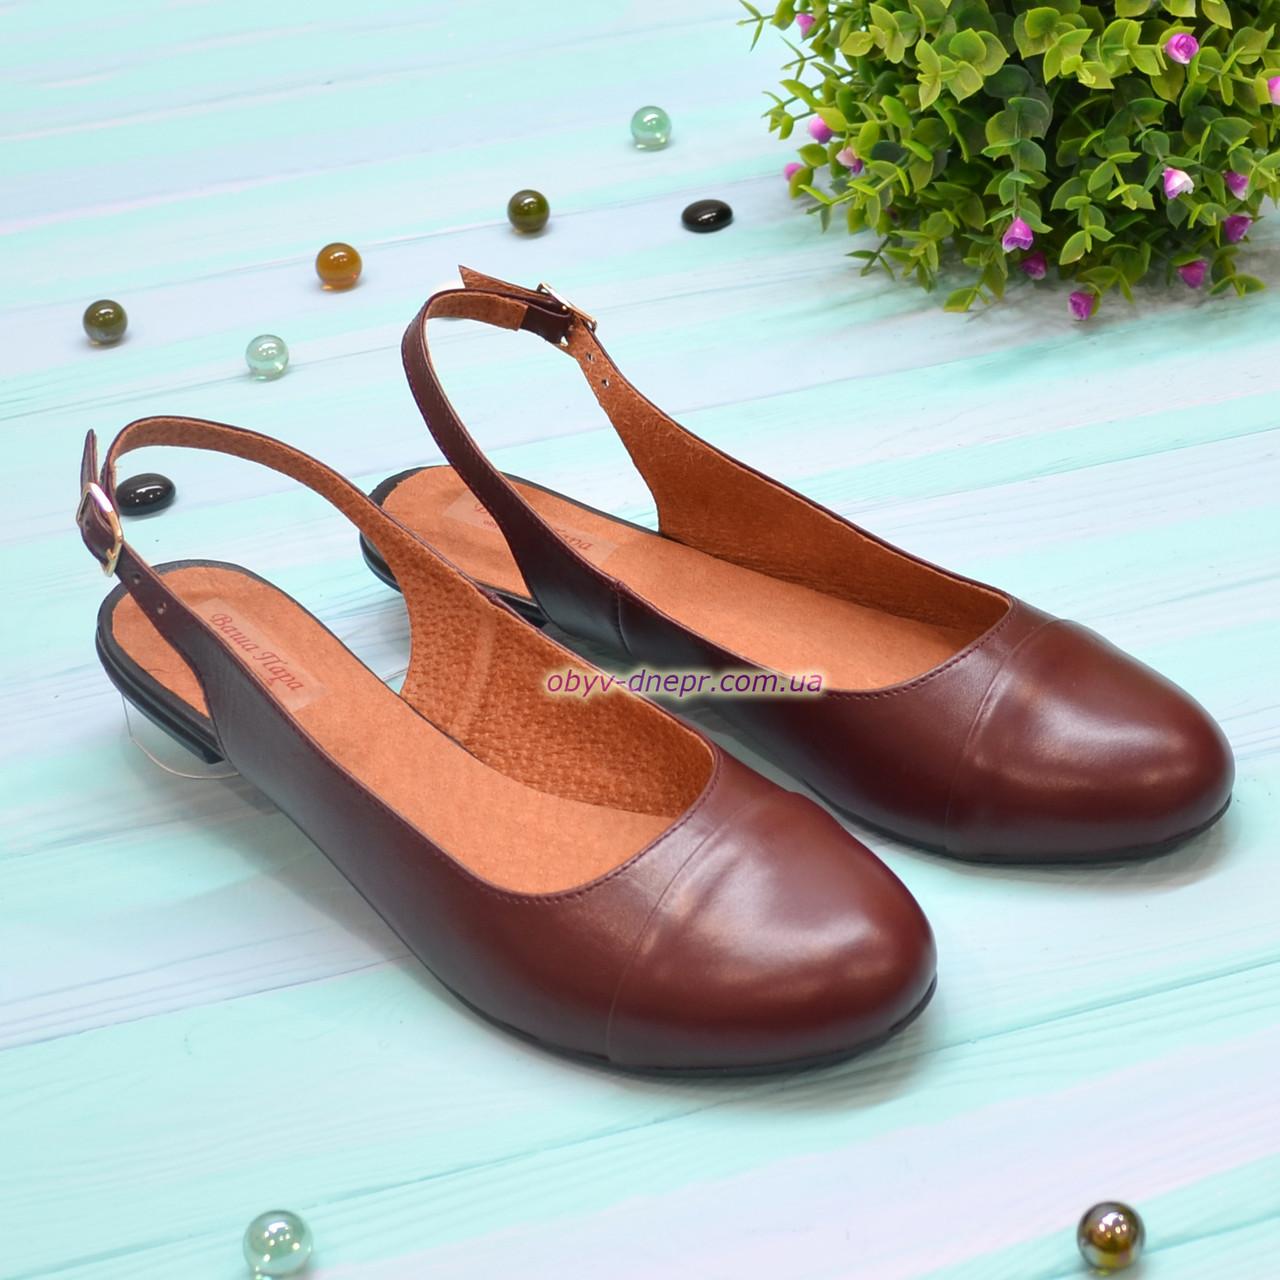 Женские кожаные босоножки с закрытым носком и открытой пяткой от производителя. Цвет бордо